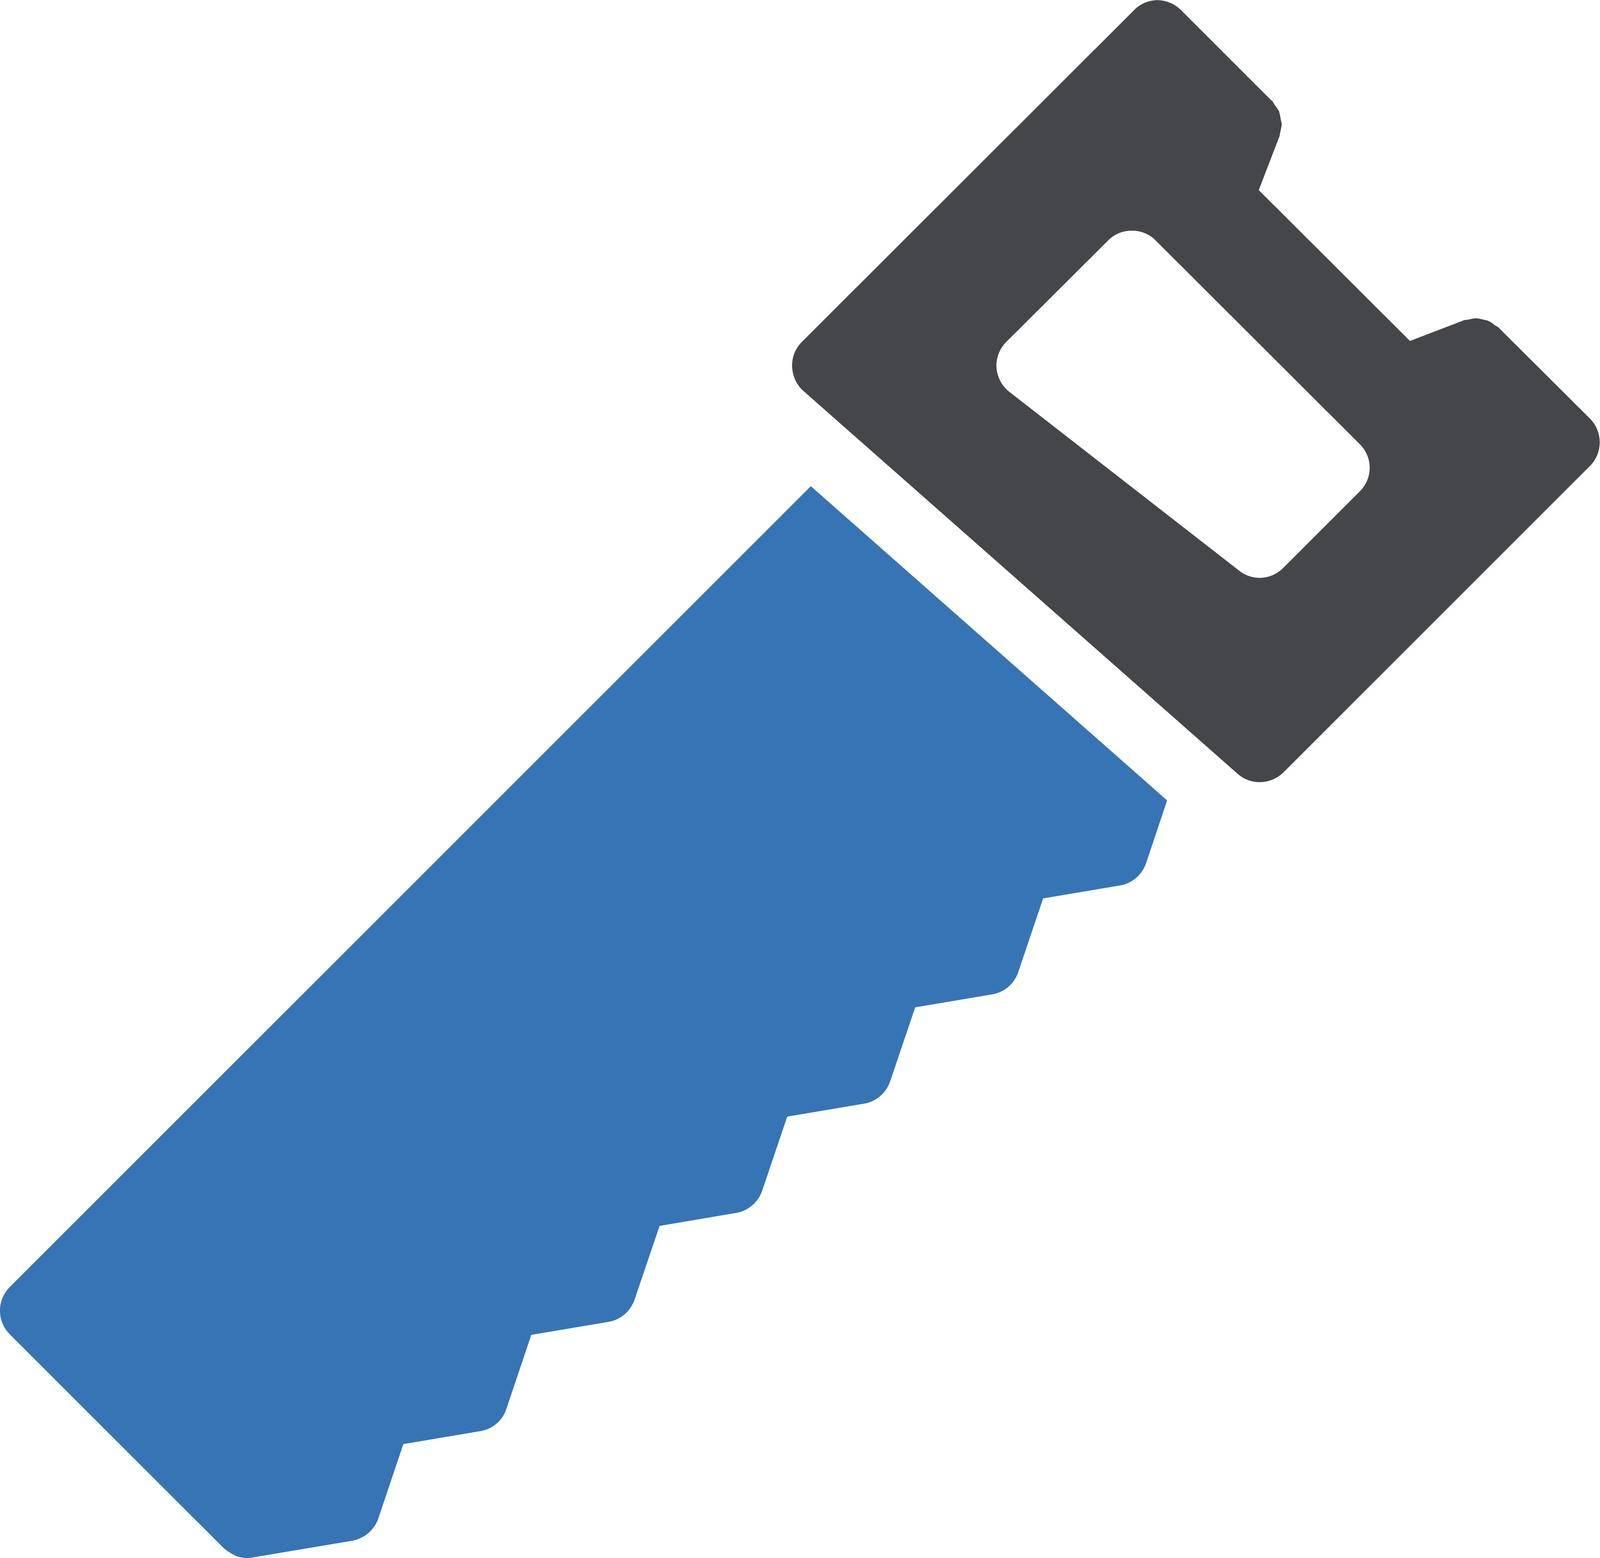 sharp vector glyph colour icon